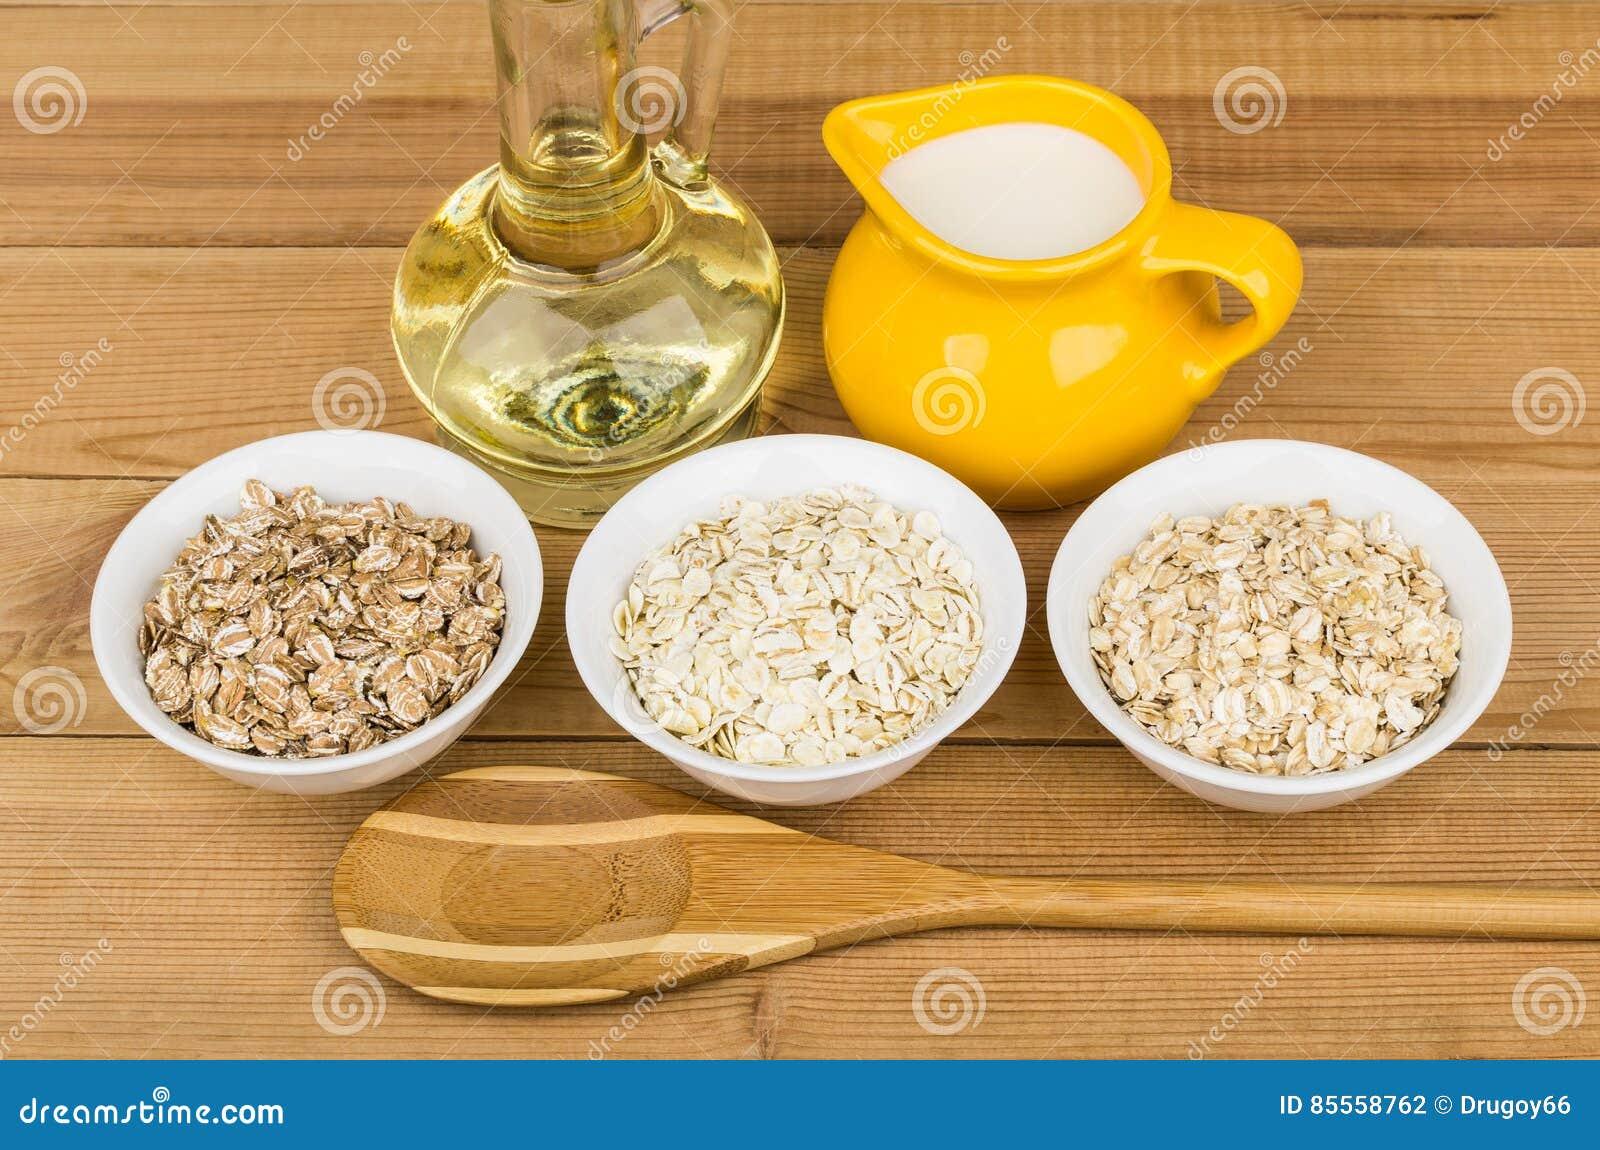 Rudern Sie Glasschüssel mit Hafer, Roggen, Gerstenflocken, Pflanzenöl